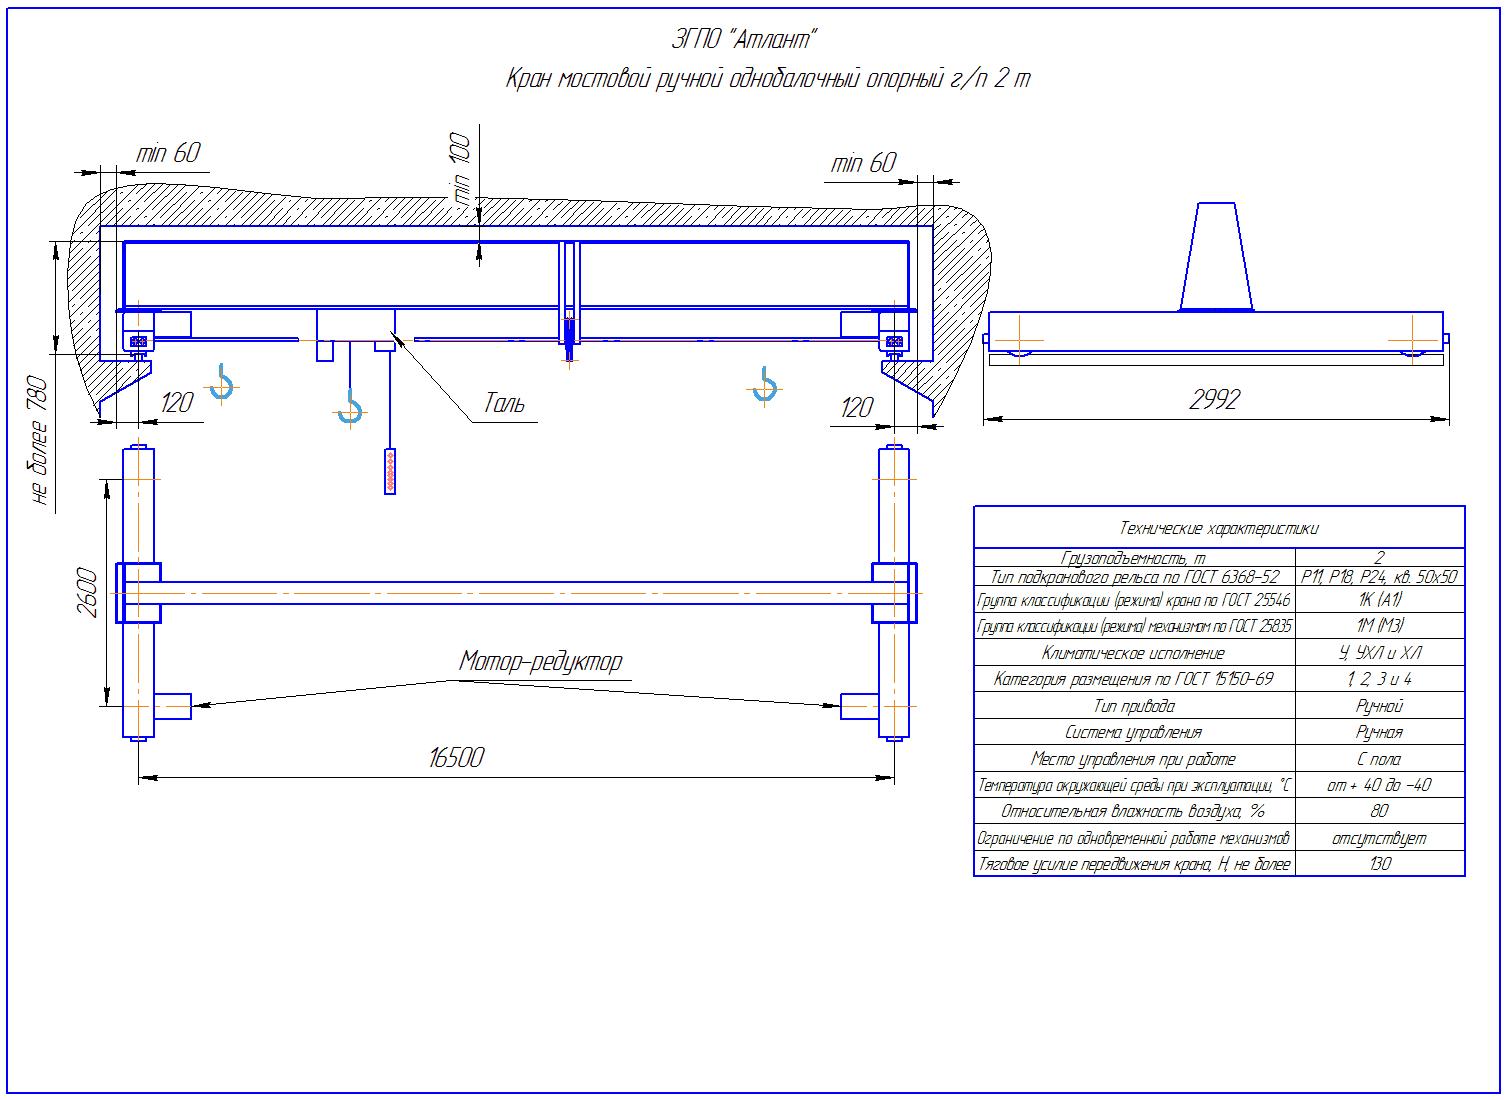 KRMOO 2 165 - Кран ручной мостовой опорный однобалочный